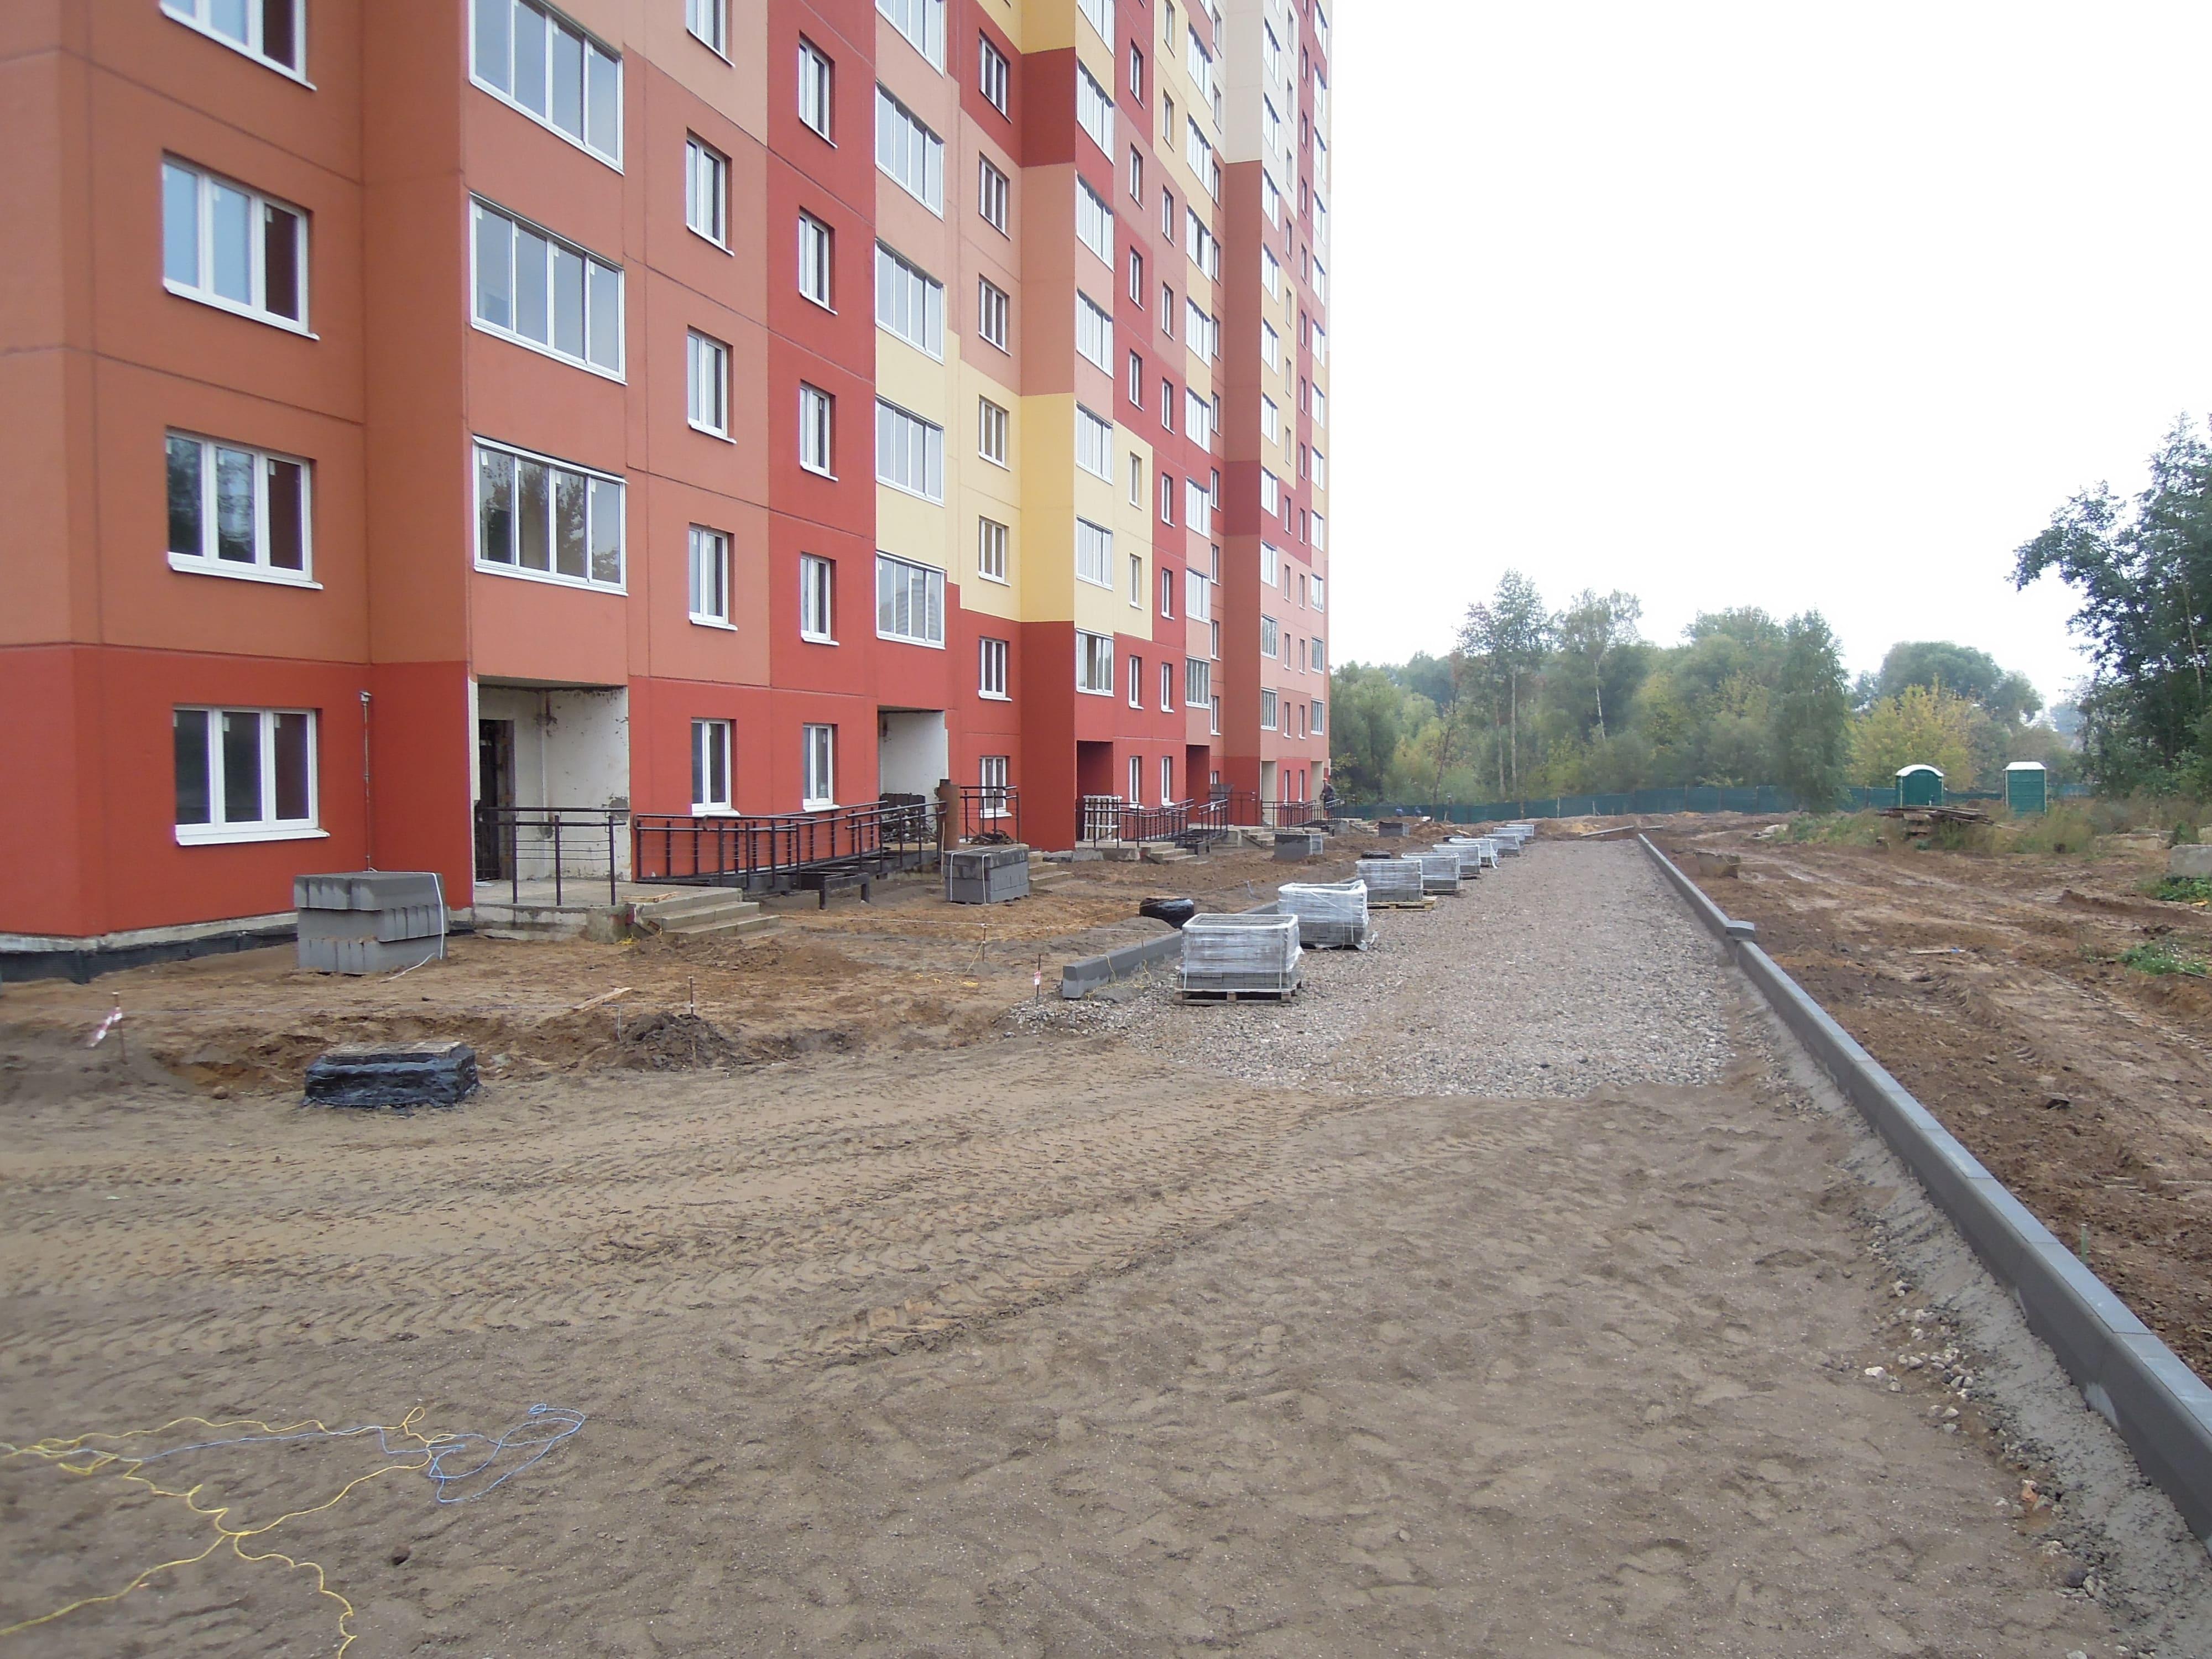 Коммерческая недвижимость в Подмосковье. Что предлагает ЖК Новые Островцы